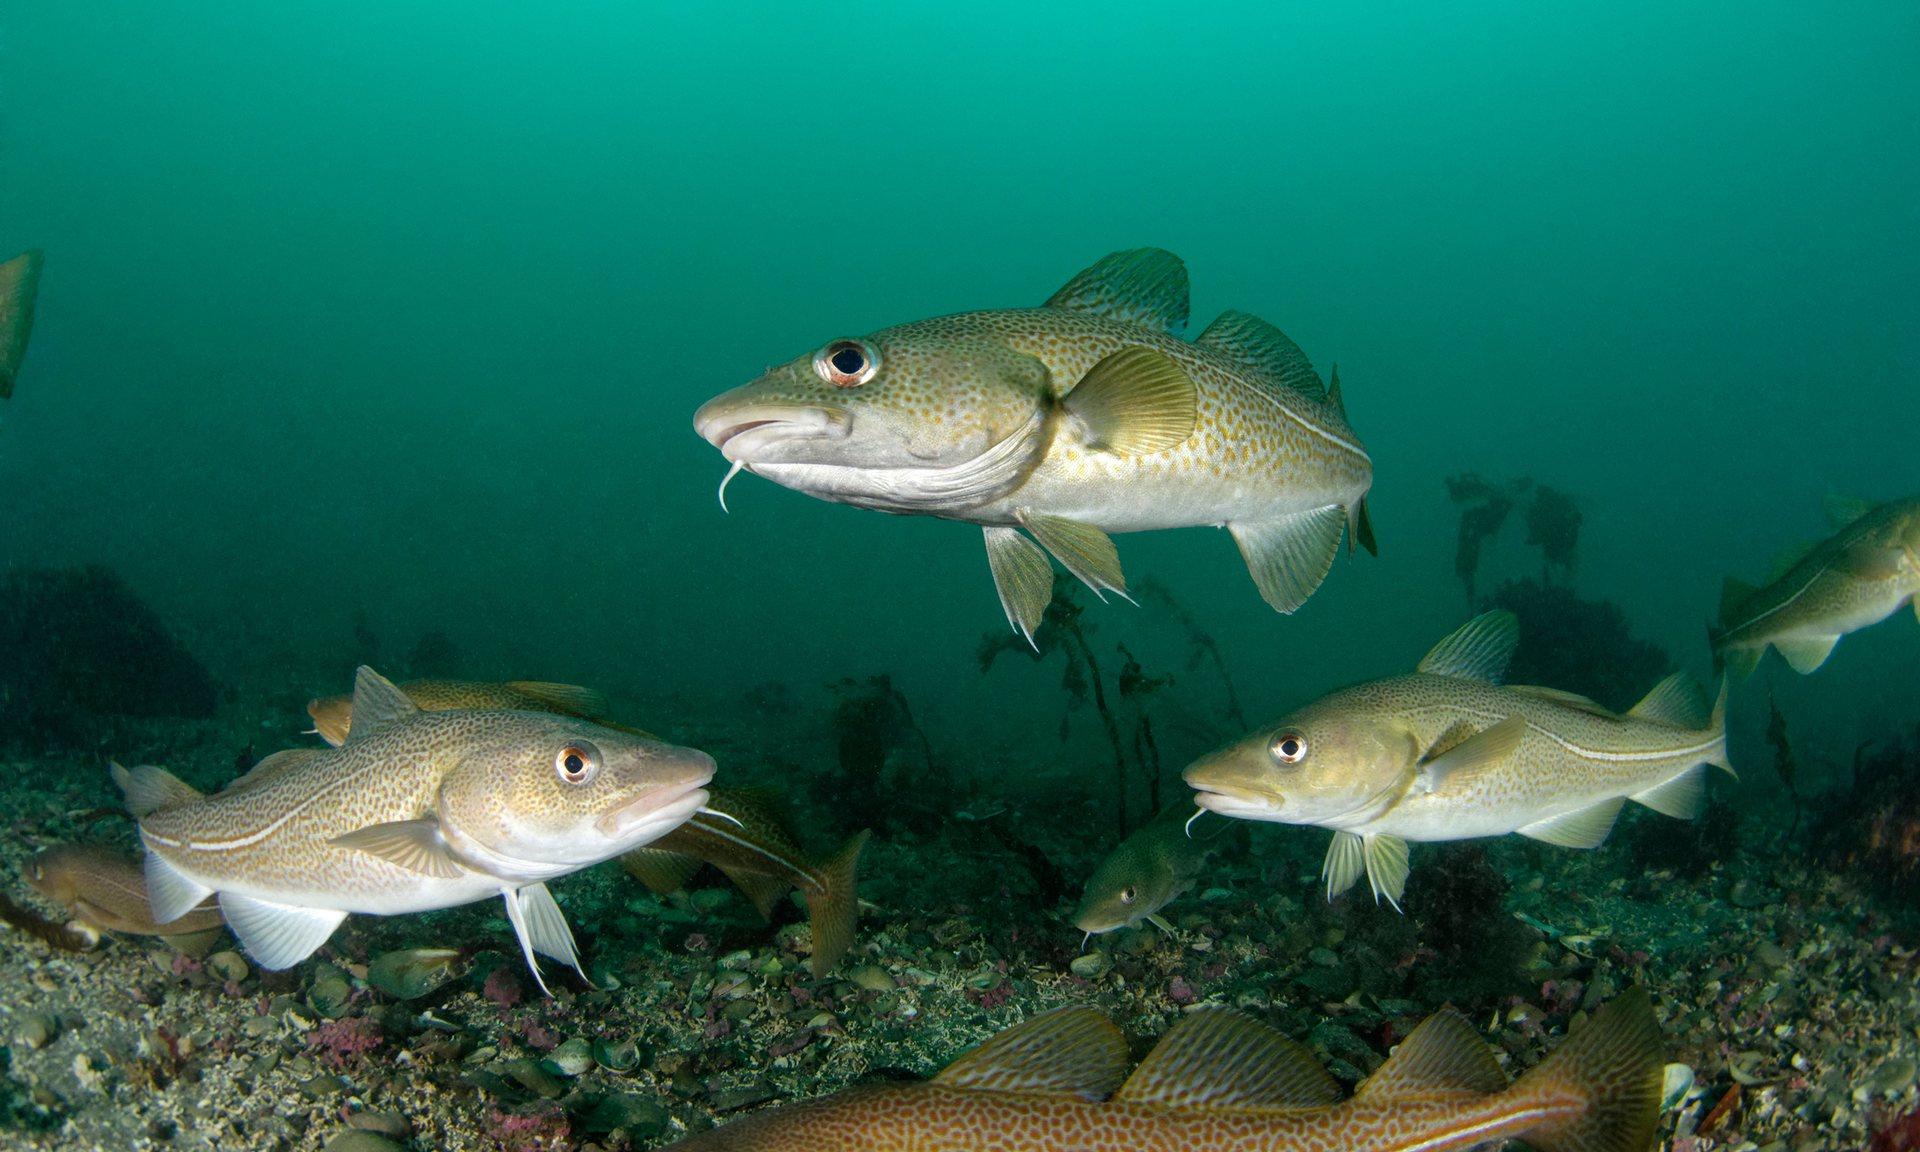 ماهیهای کاد با لهجه محلی با همنوعان خود ارتباط برقرار میکنند